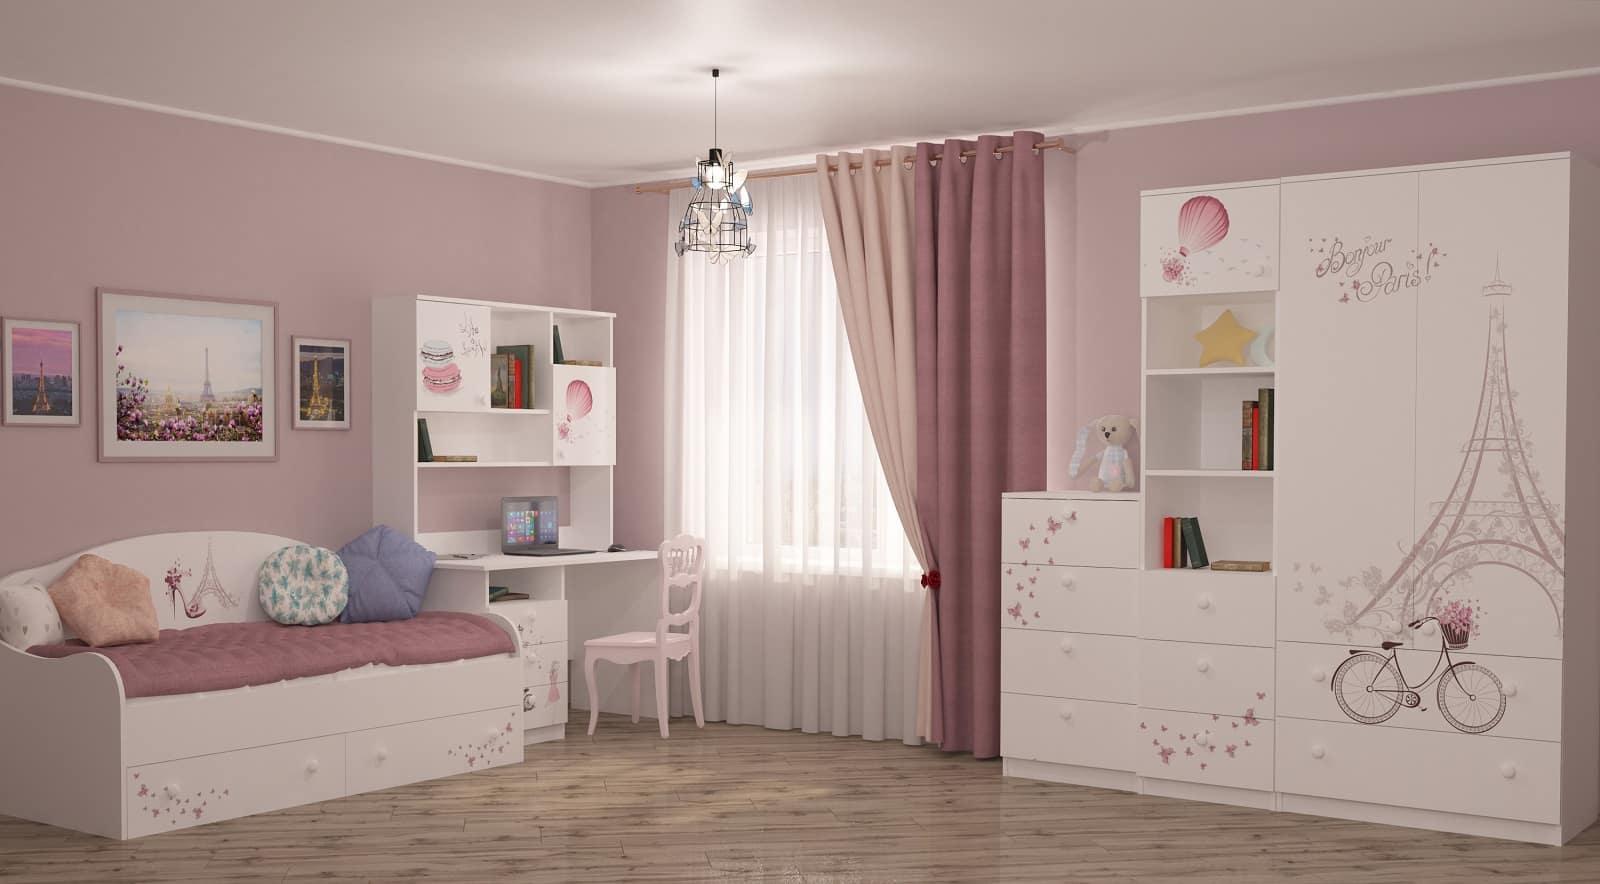 Daha İyi Çocuk Odaları Tasarlamak İçin 6 İpucu.  Soluk pembe duvarlar, zeminde muşamba ve beyaz tavan / mobilya ile sade dekorasyon